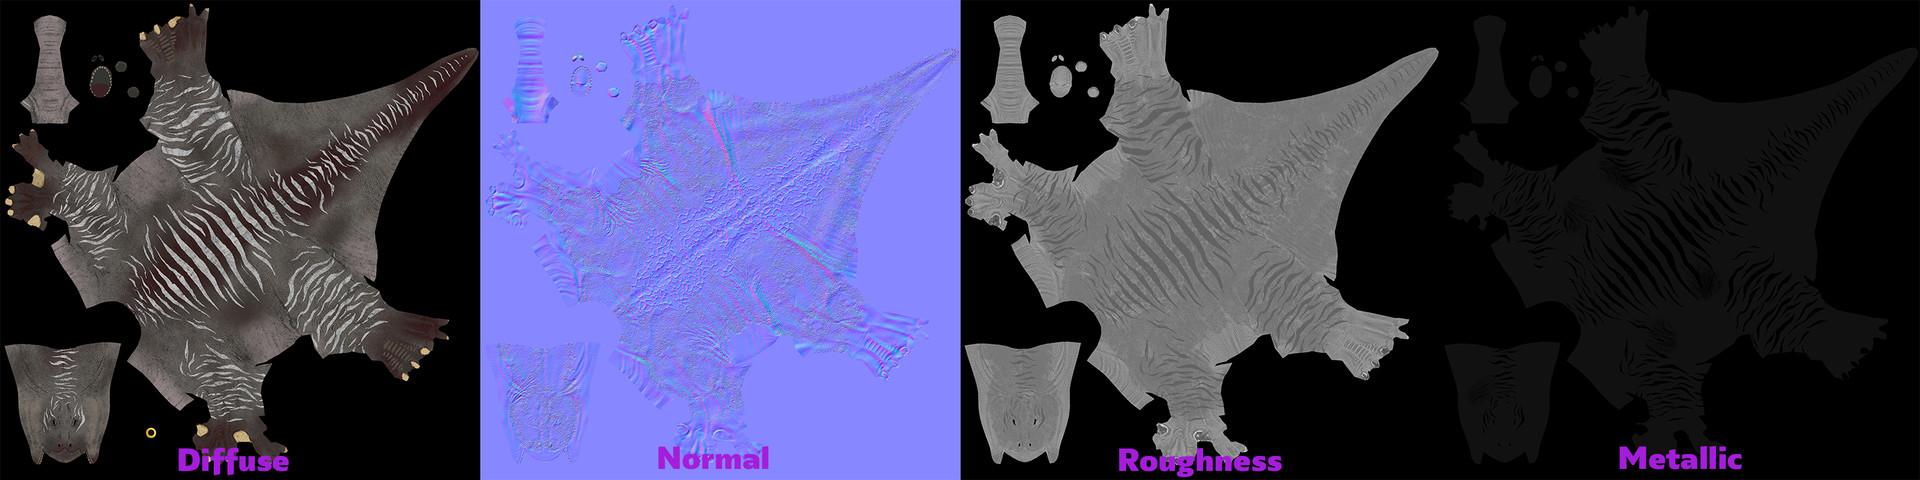 Iguanodon maps 4k